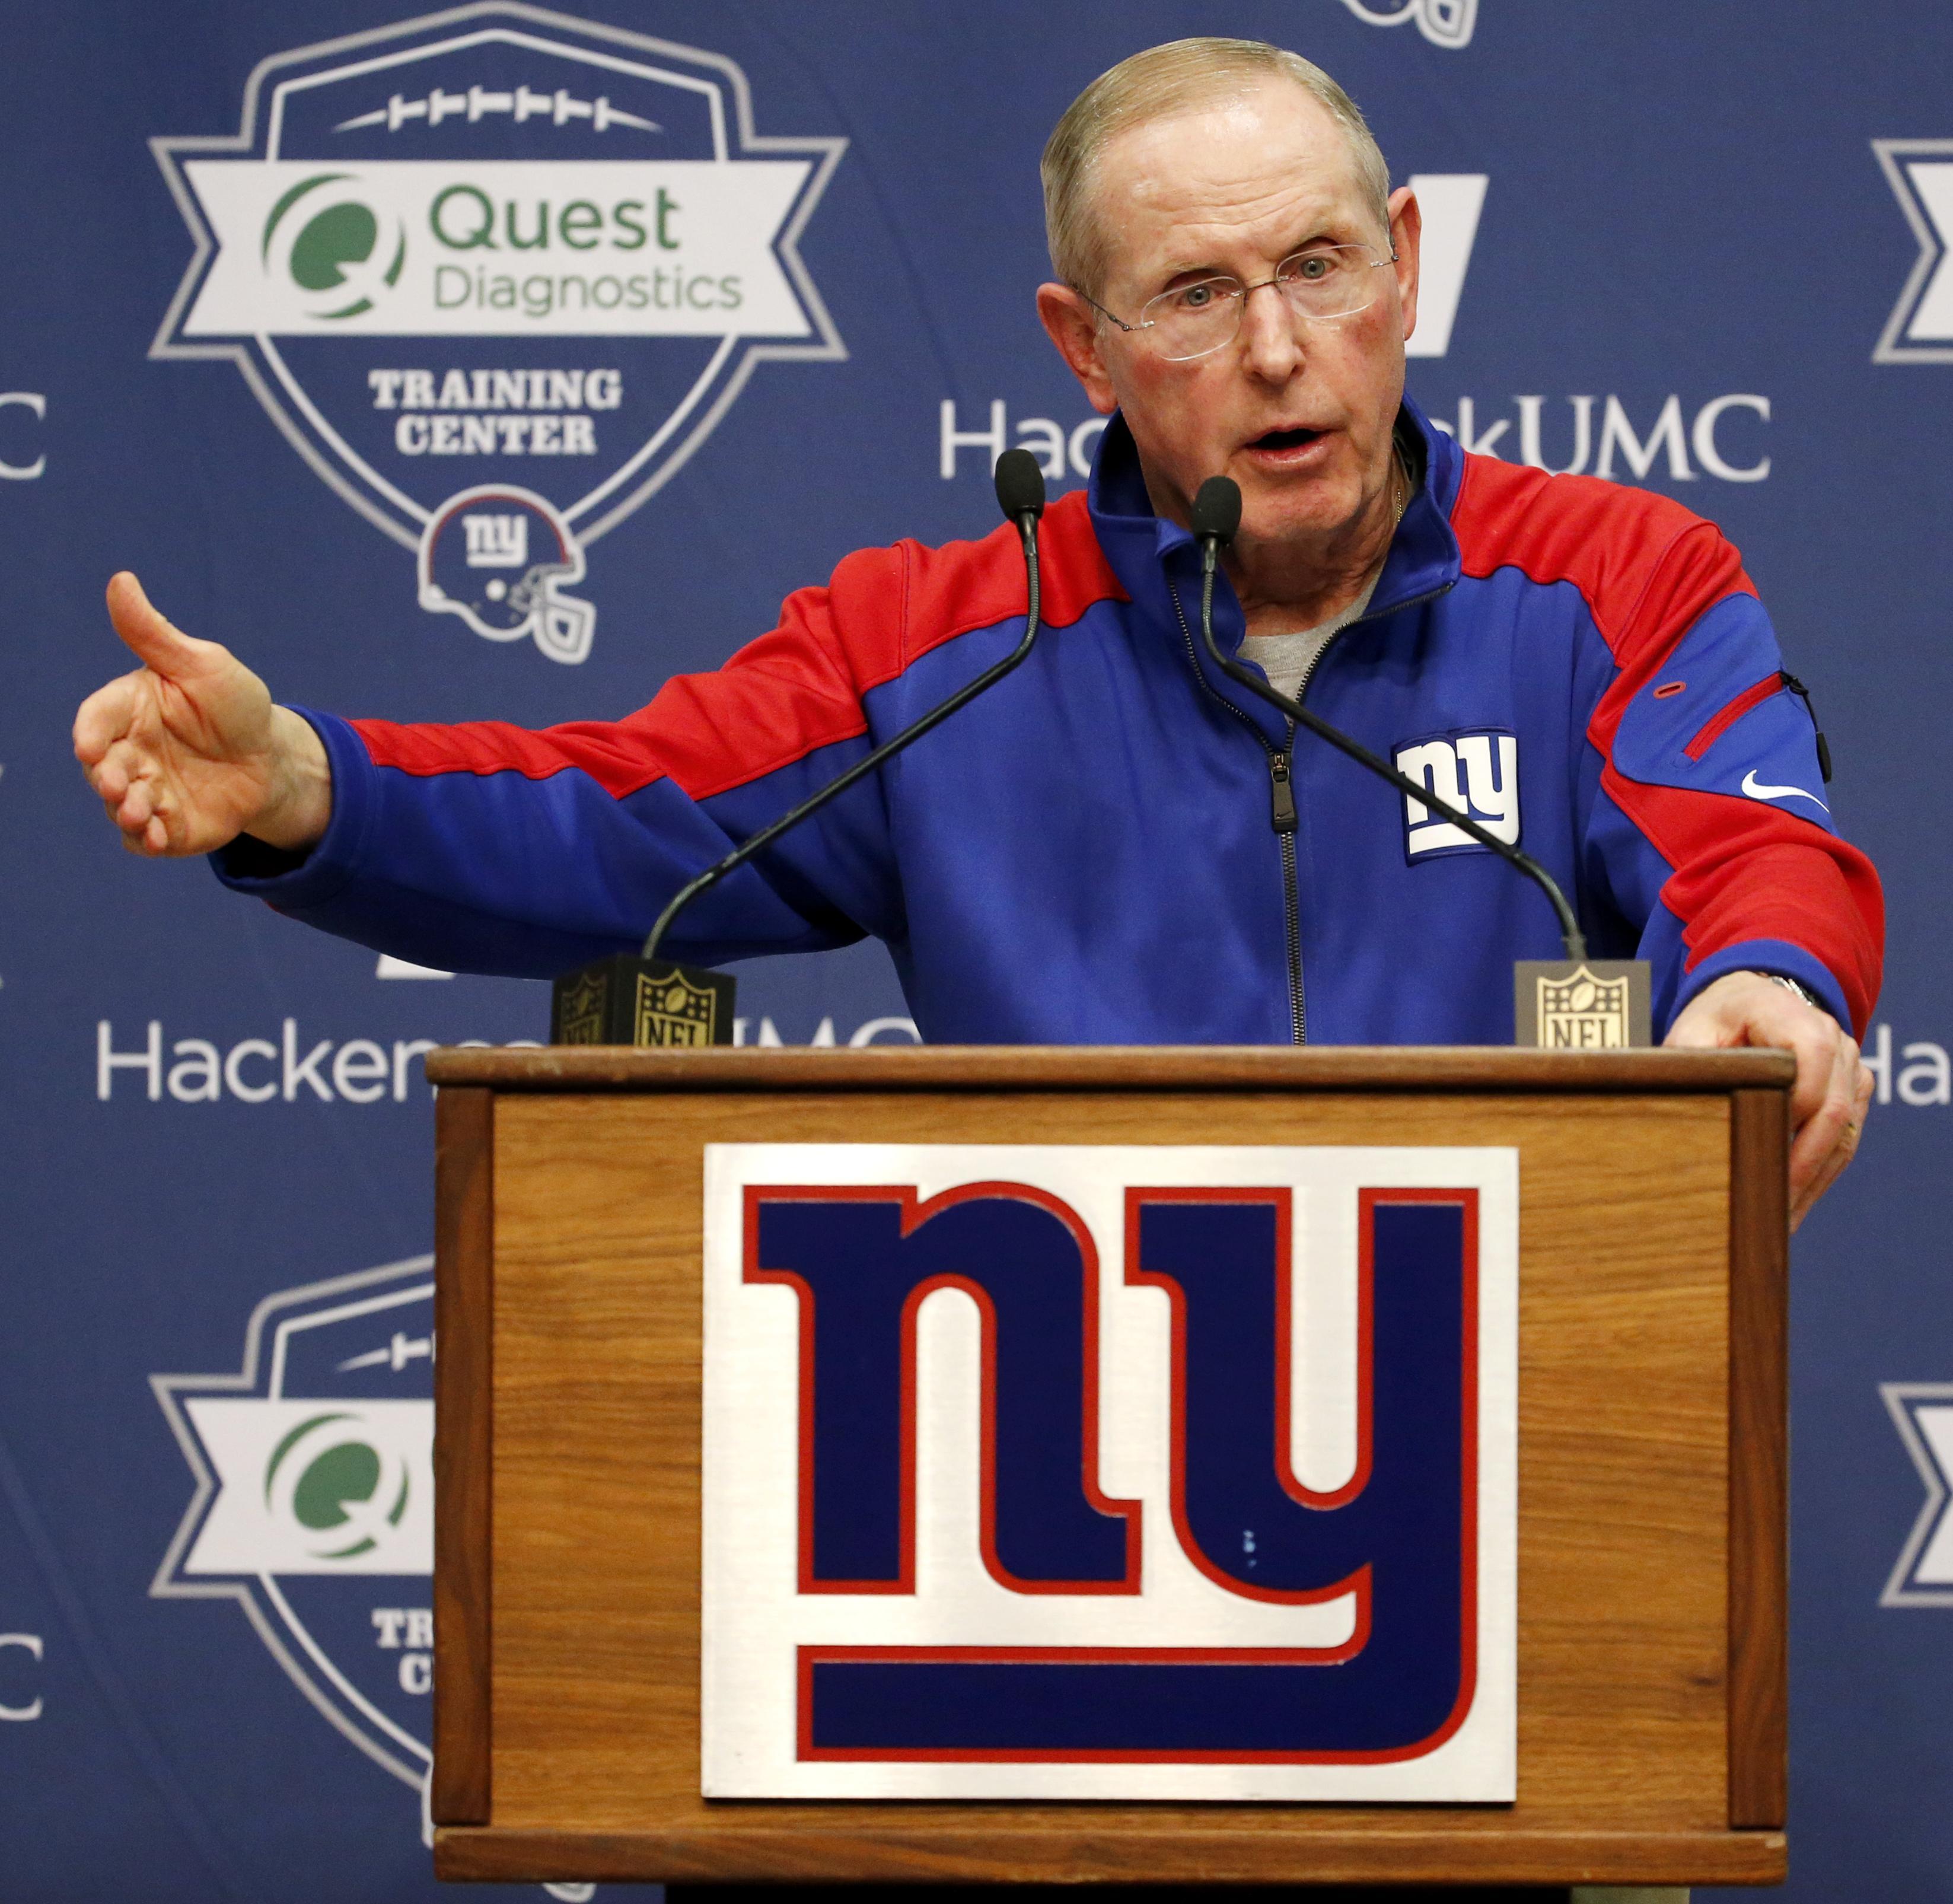 Giants_football